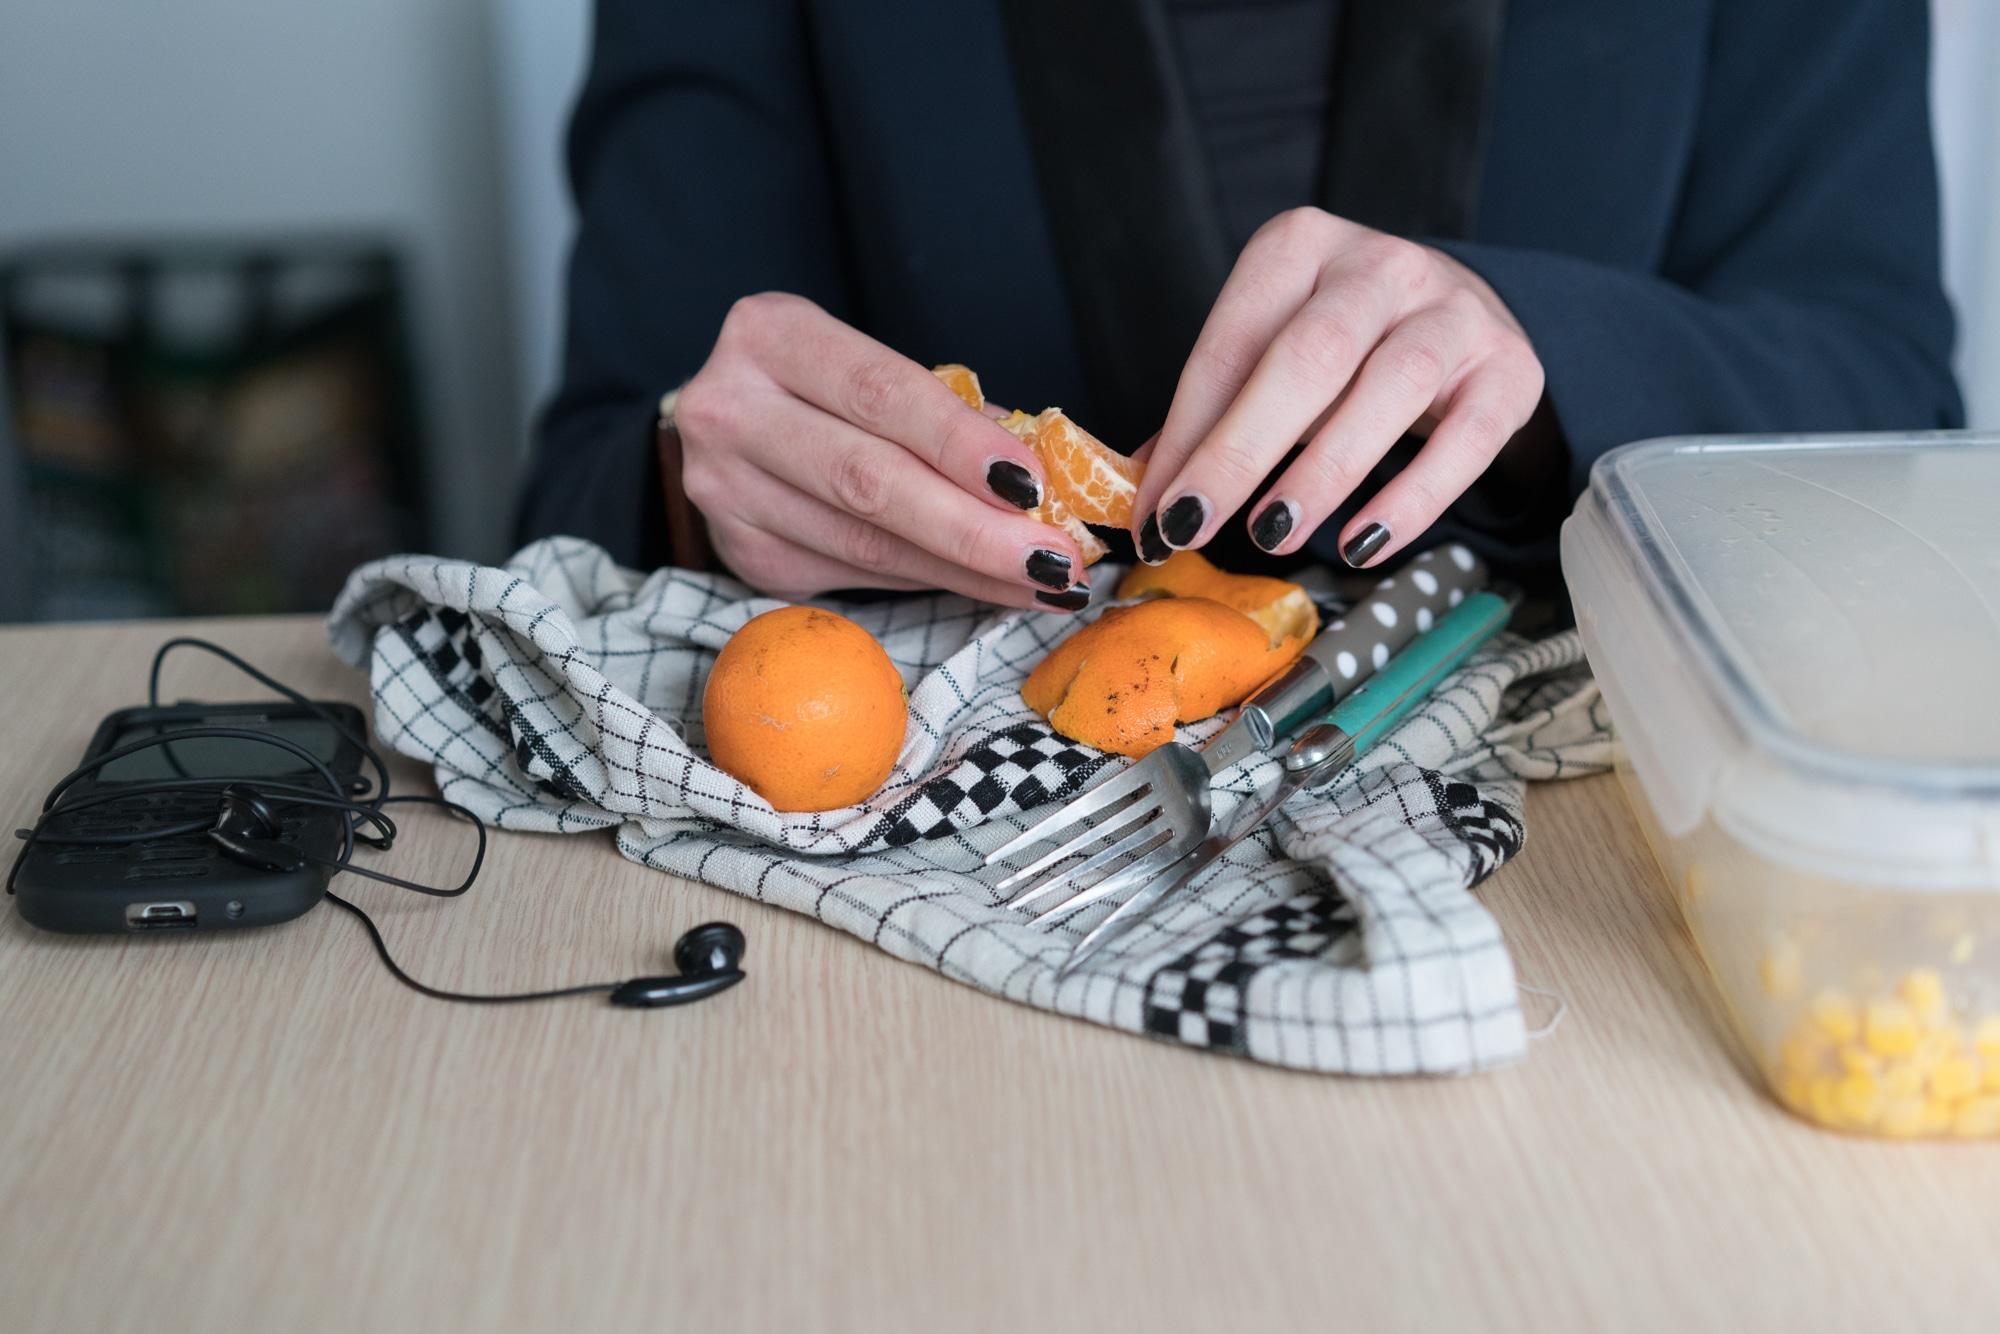 Les mains de Morgane, avec des ongles vernis en noir, épluchent une mandarine.